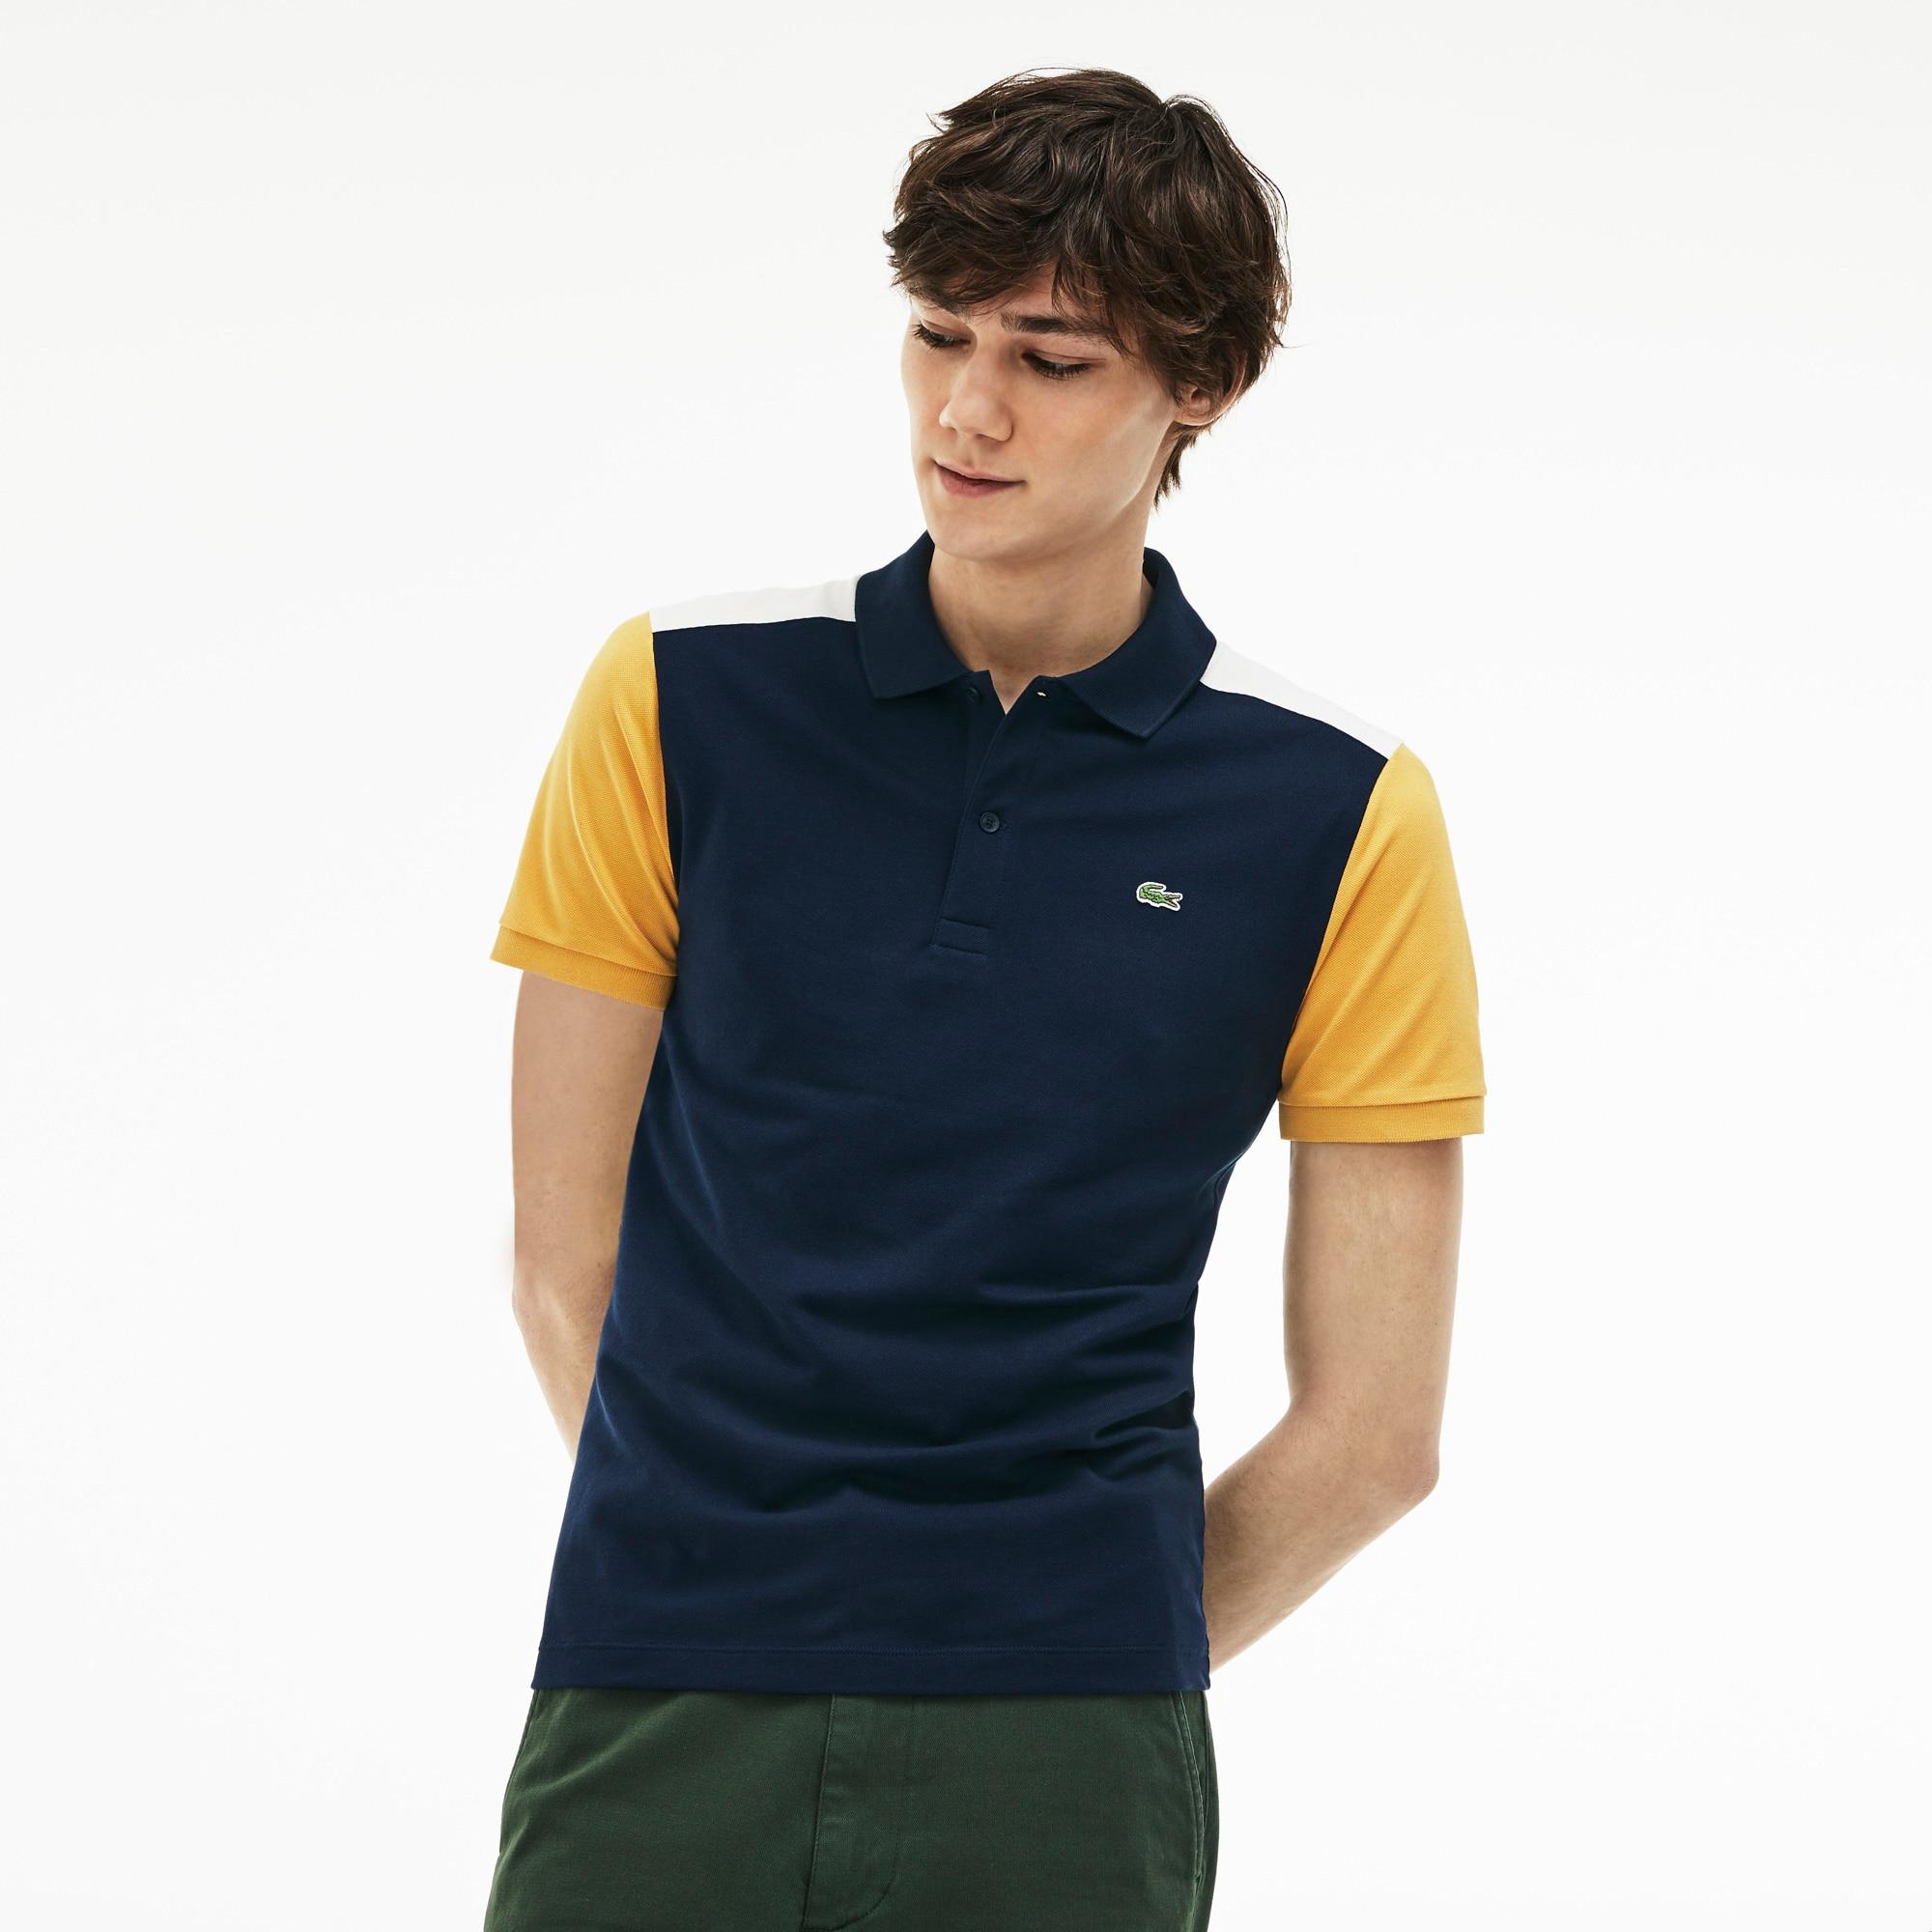 Lacoste - Polo slim fit Lacoste en piqué de coton Pima stretch color block - 4